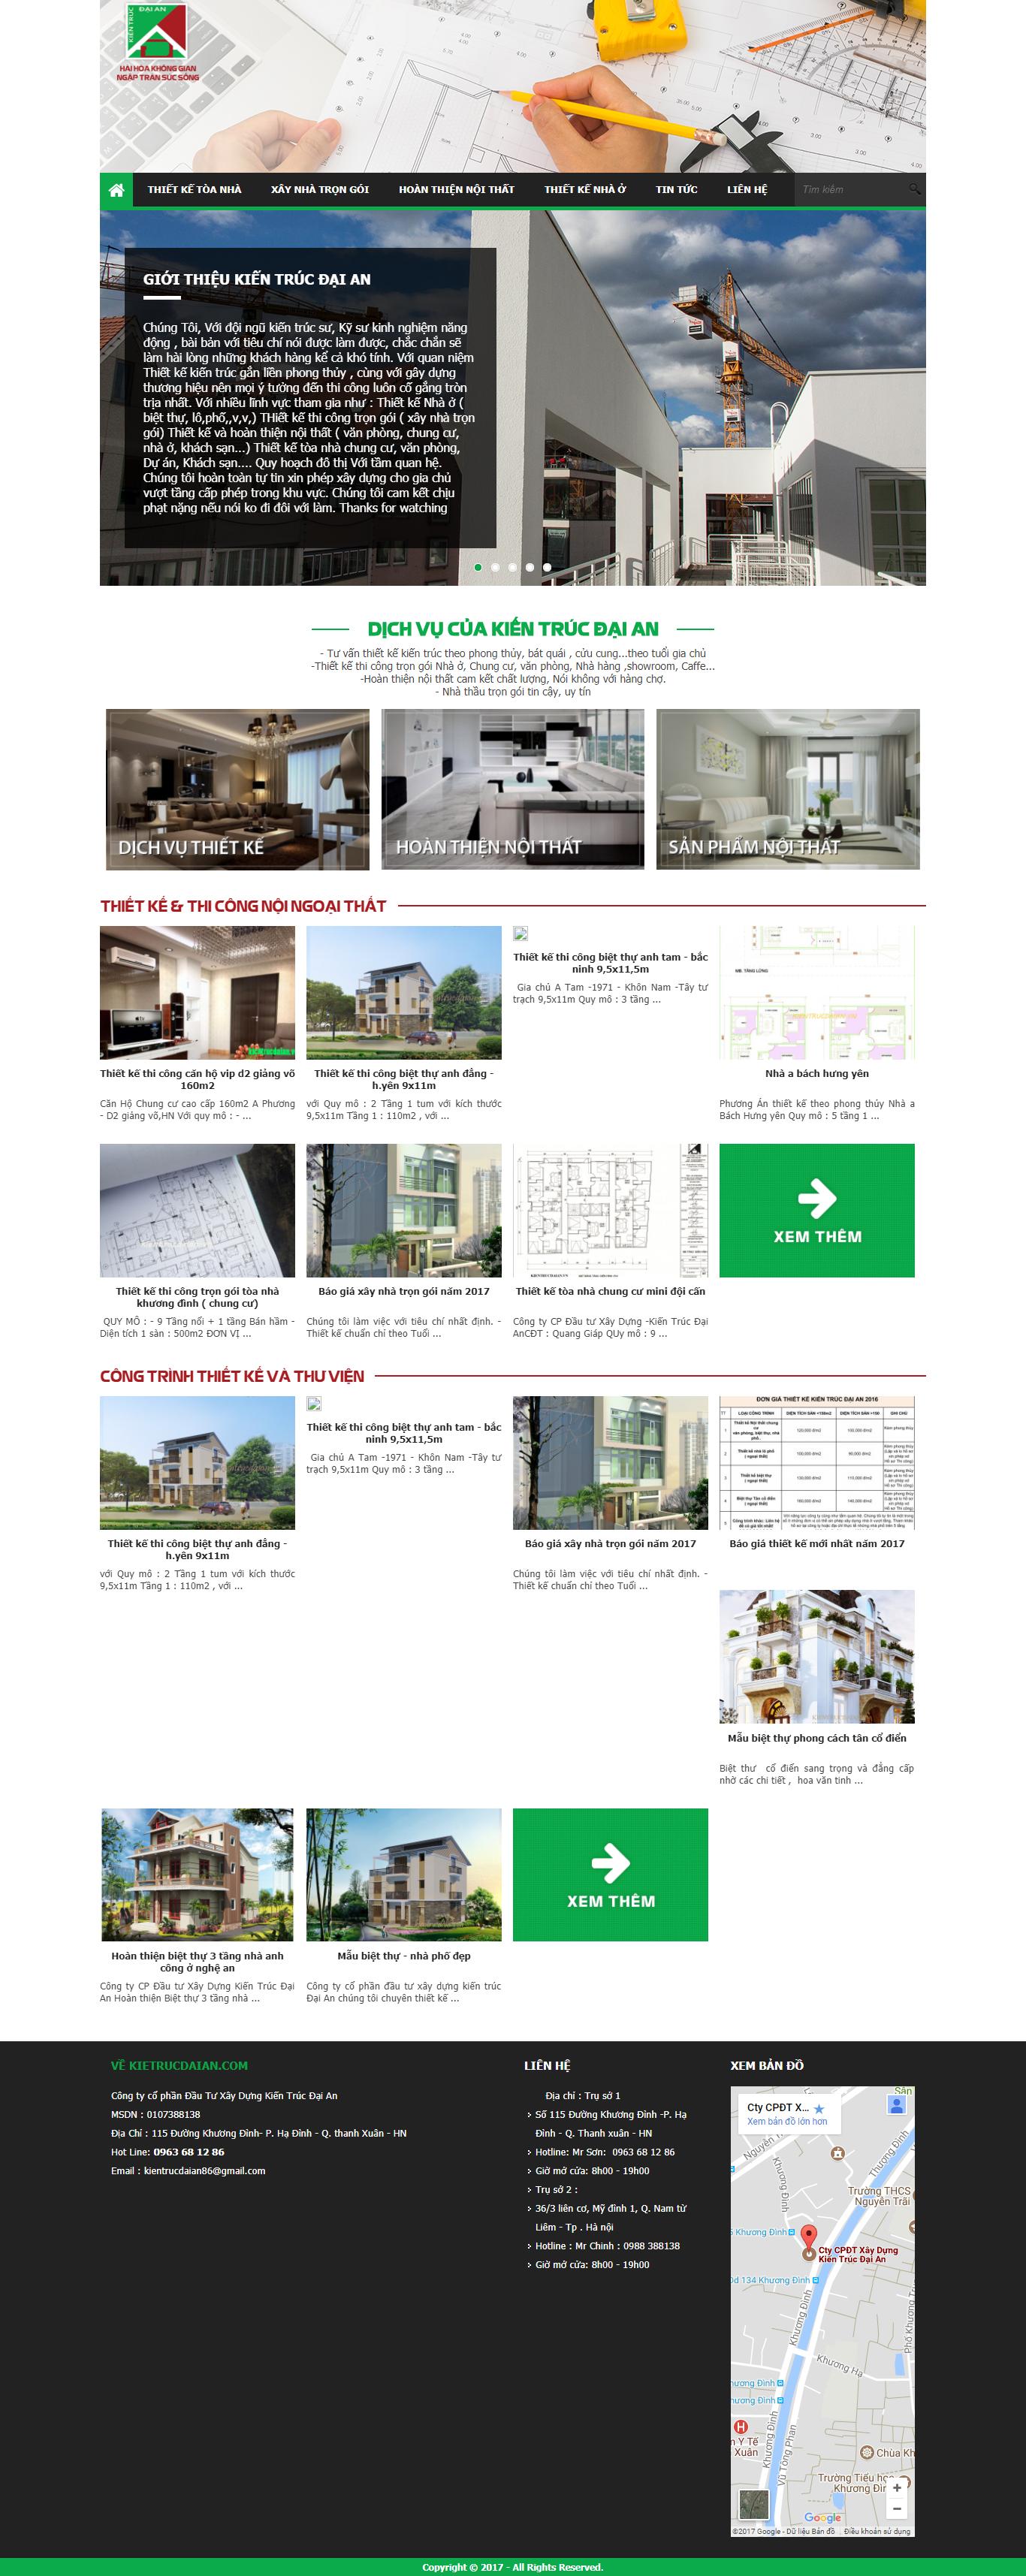 Giao diện website Bán hàng Z - 307